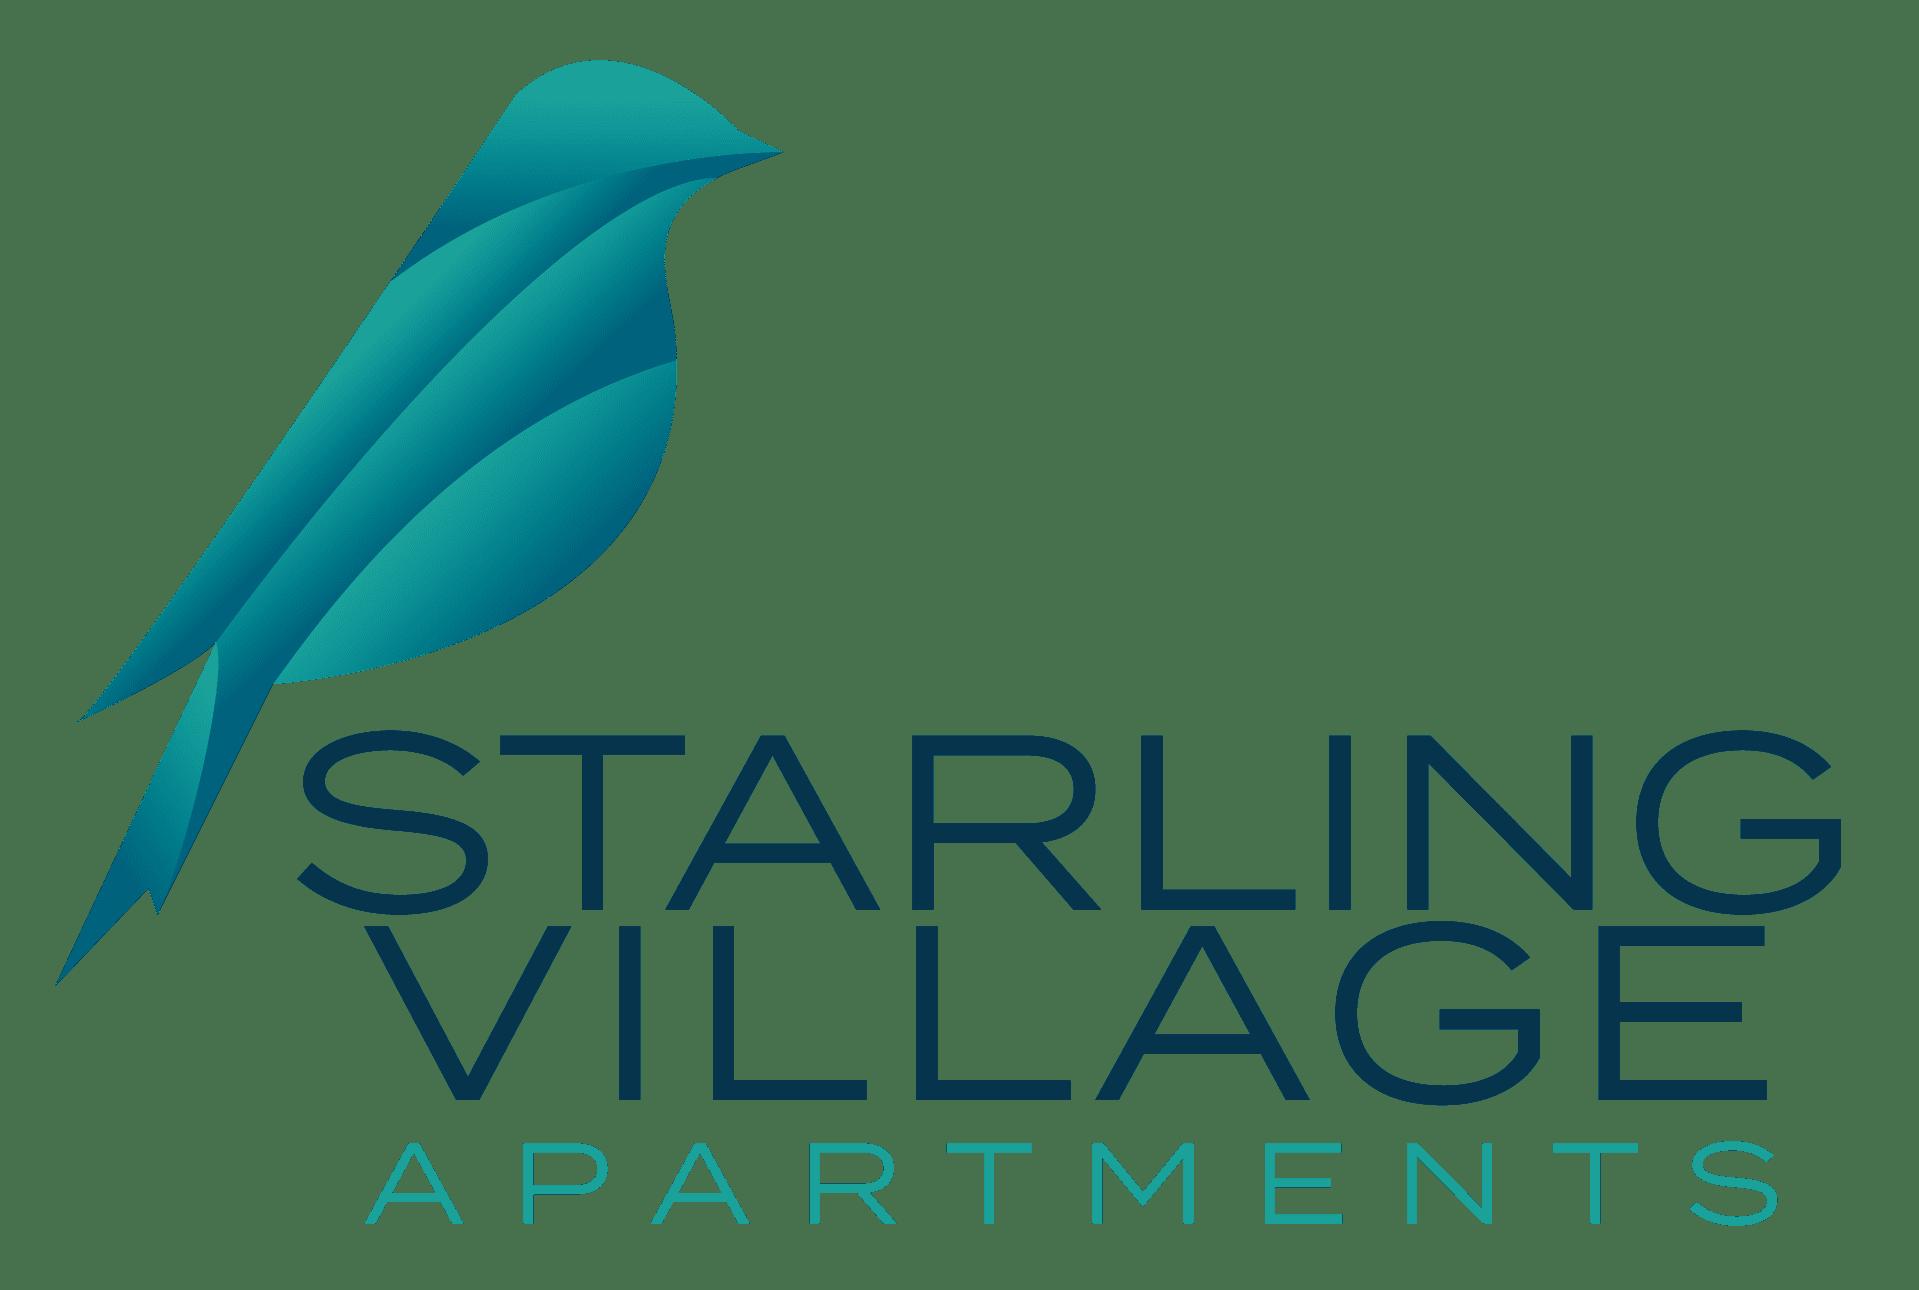 Starling Village